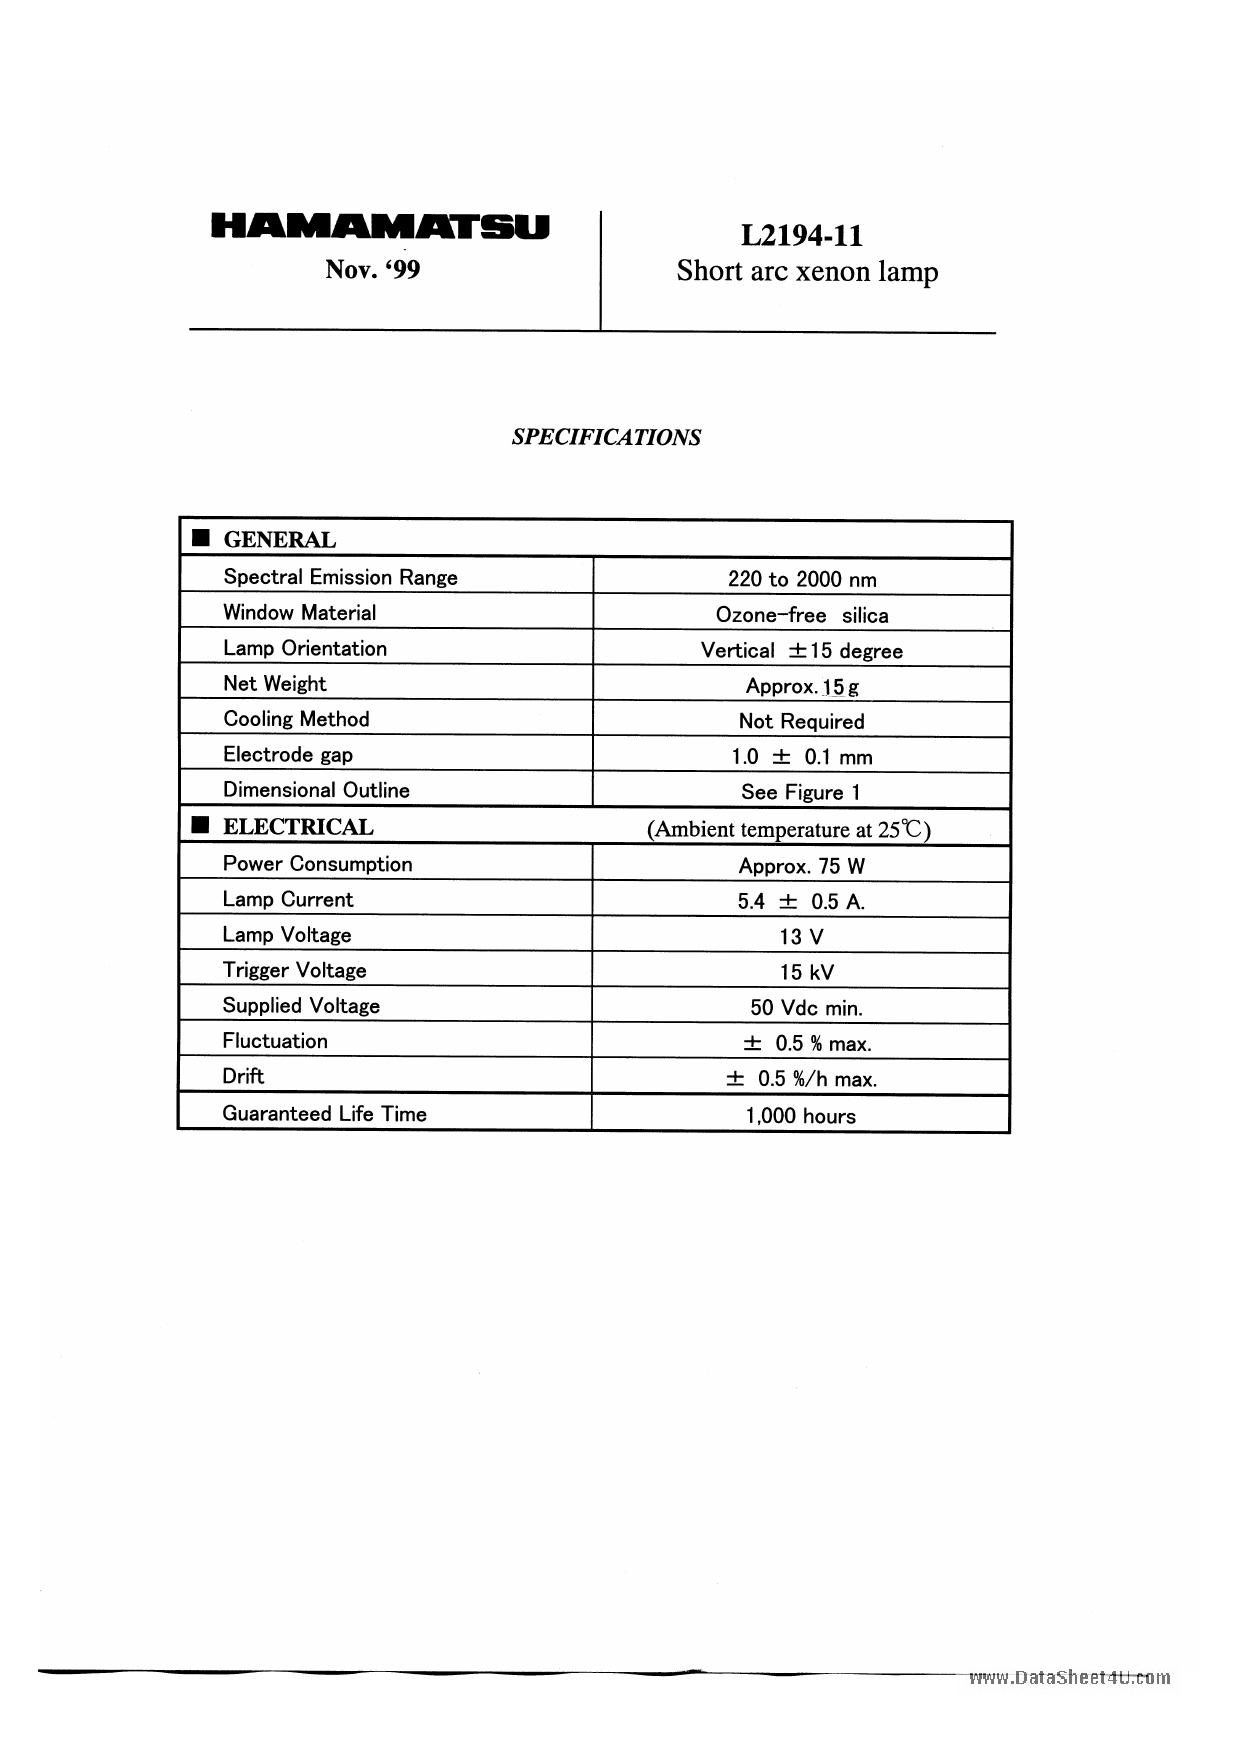 L2194-11 datasheet